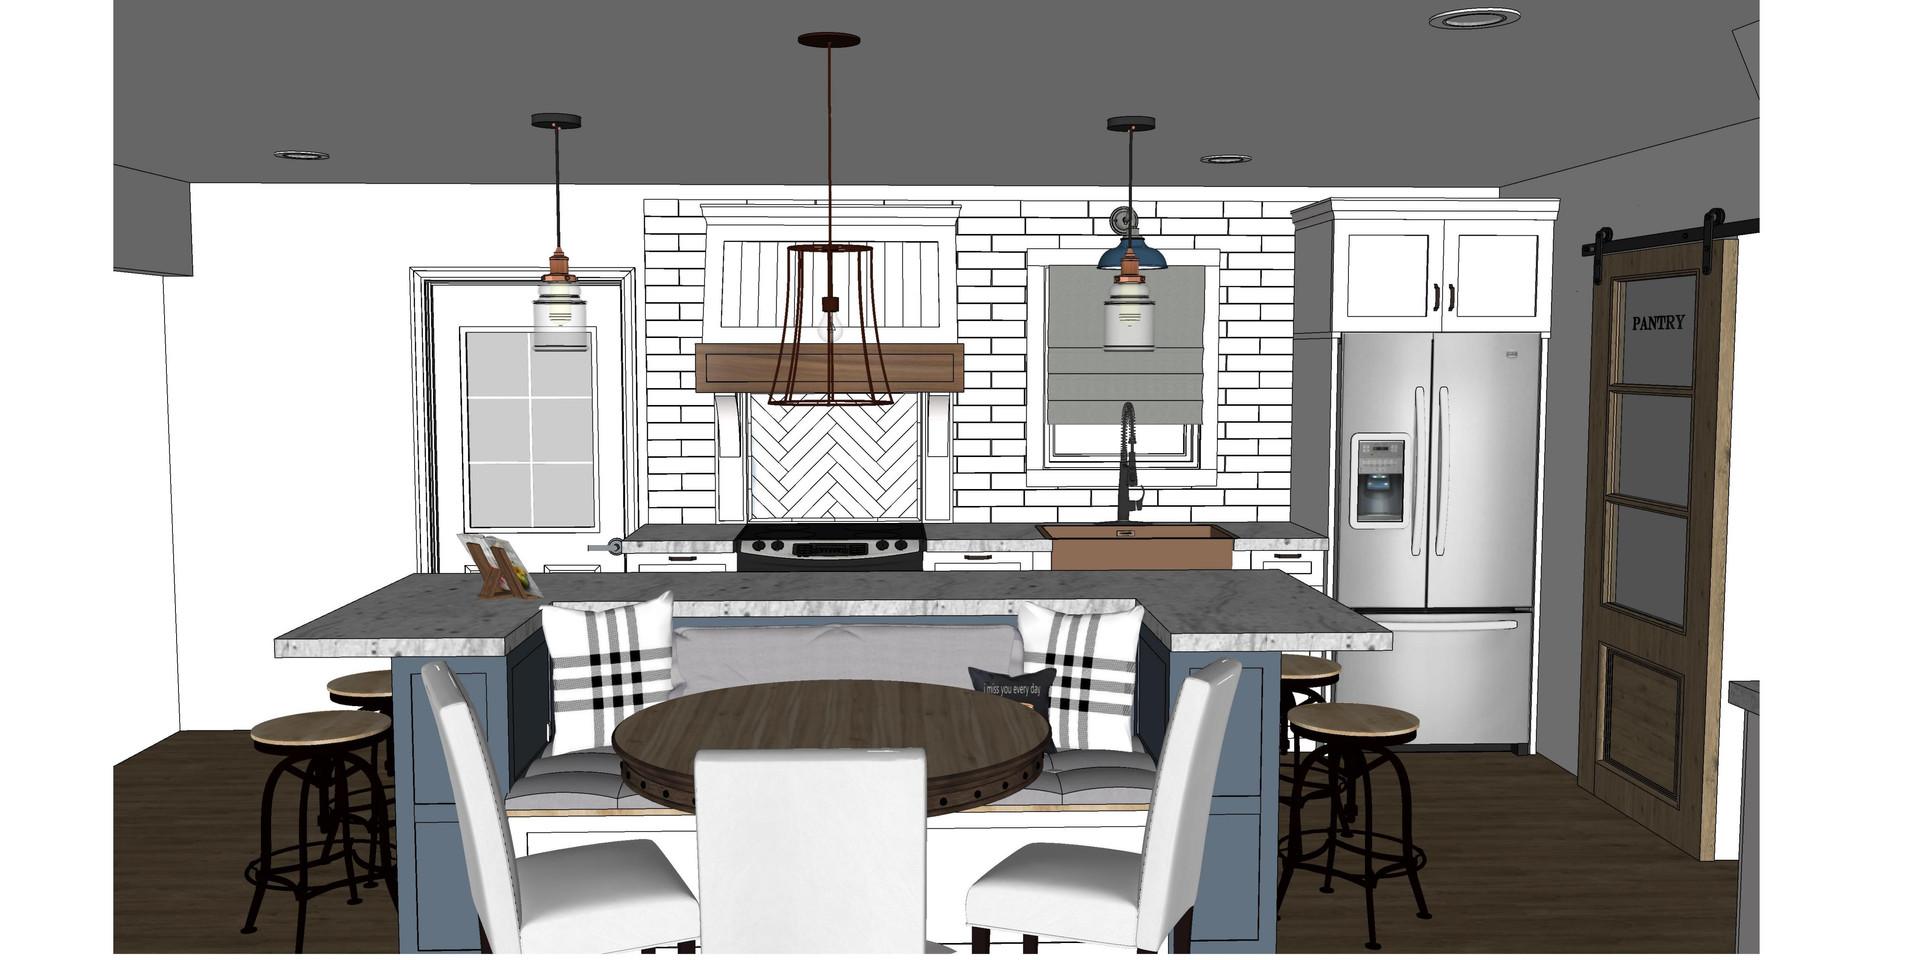 Kitchen Island-Knook Proposal-4.jpg